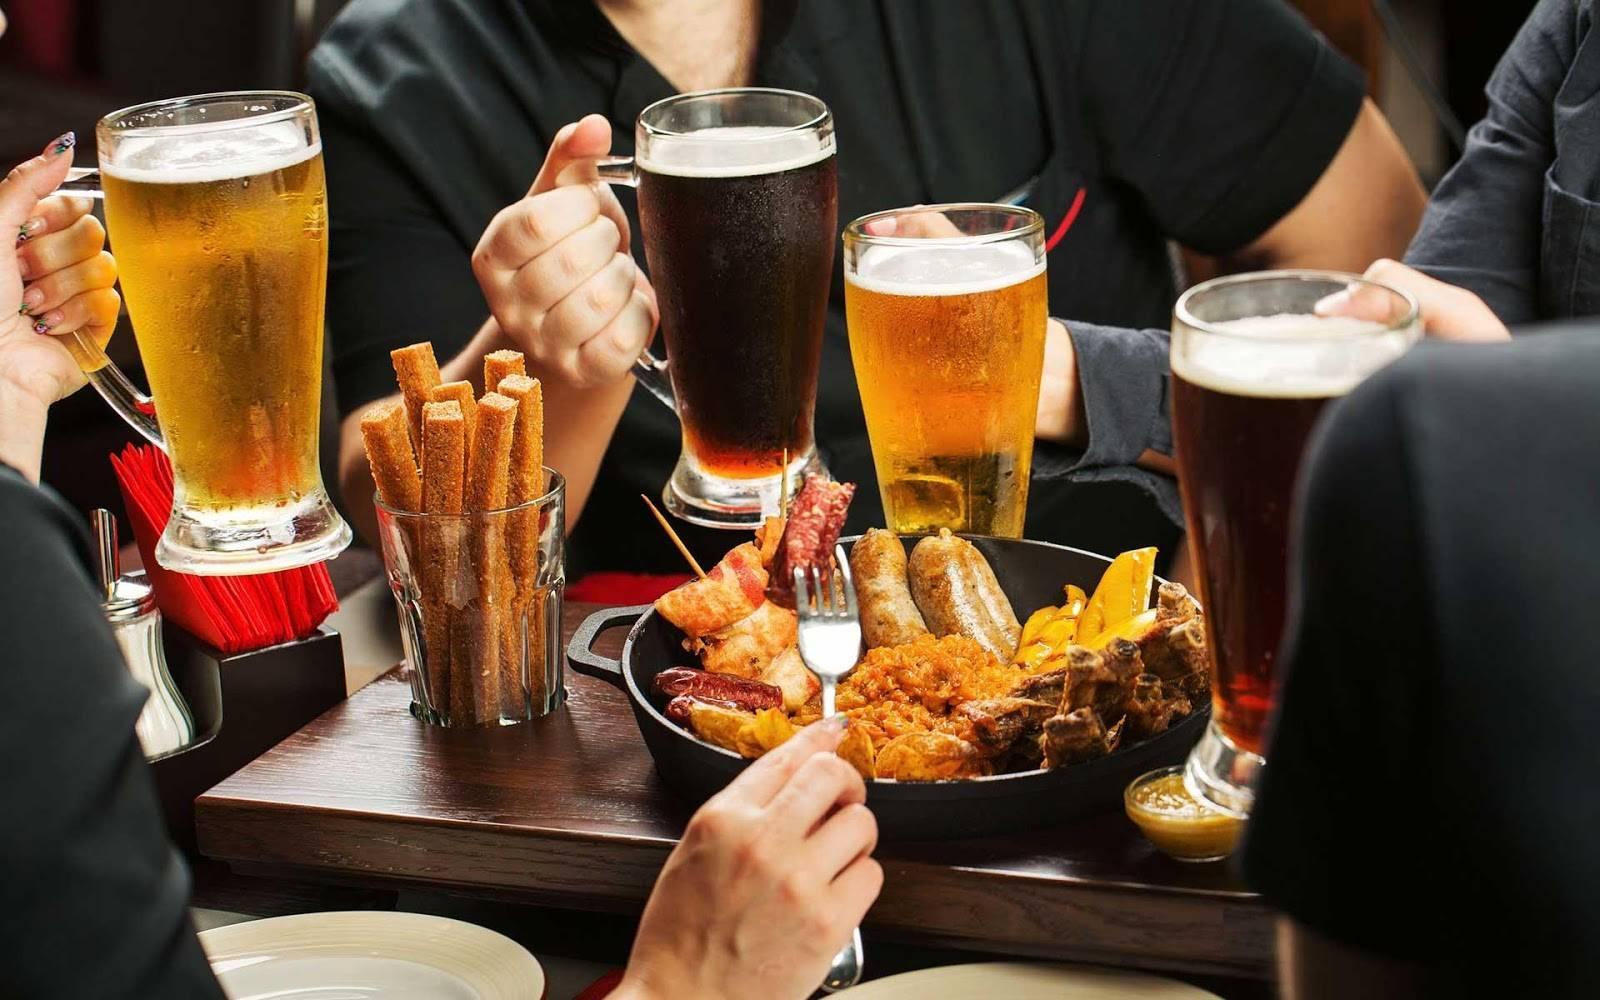 Пенный отдых: с чем пить пиво